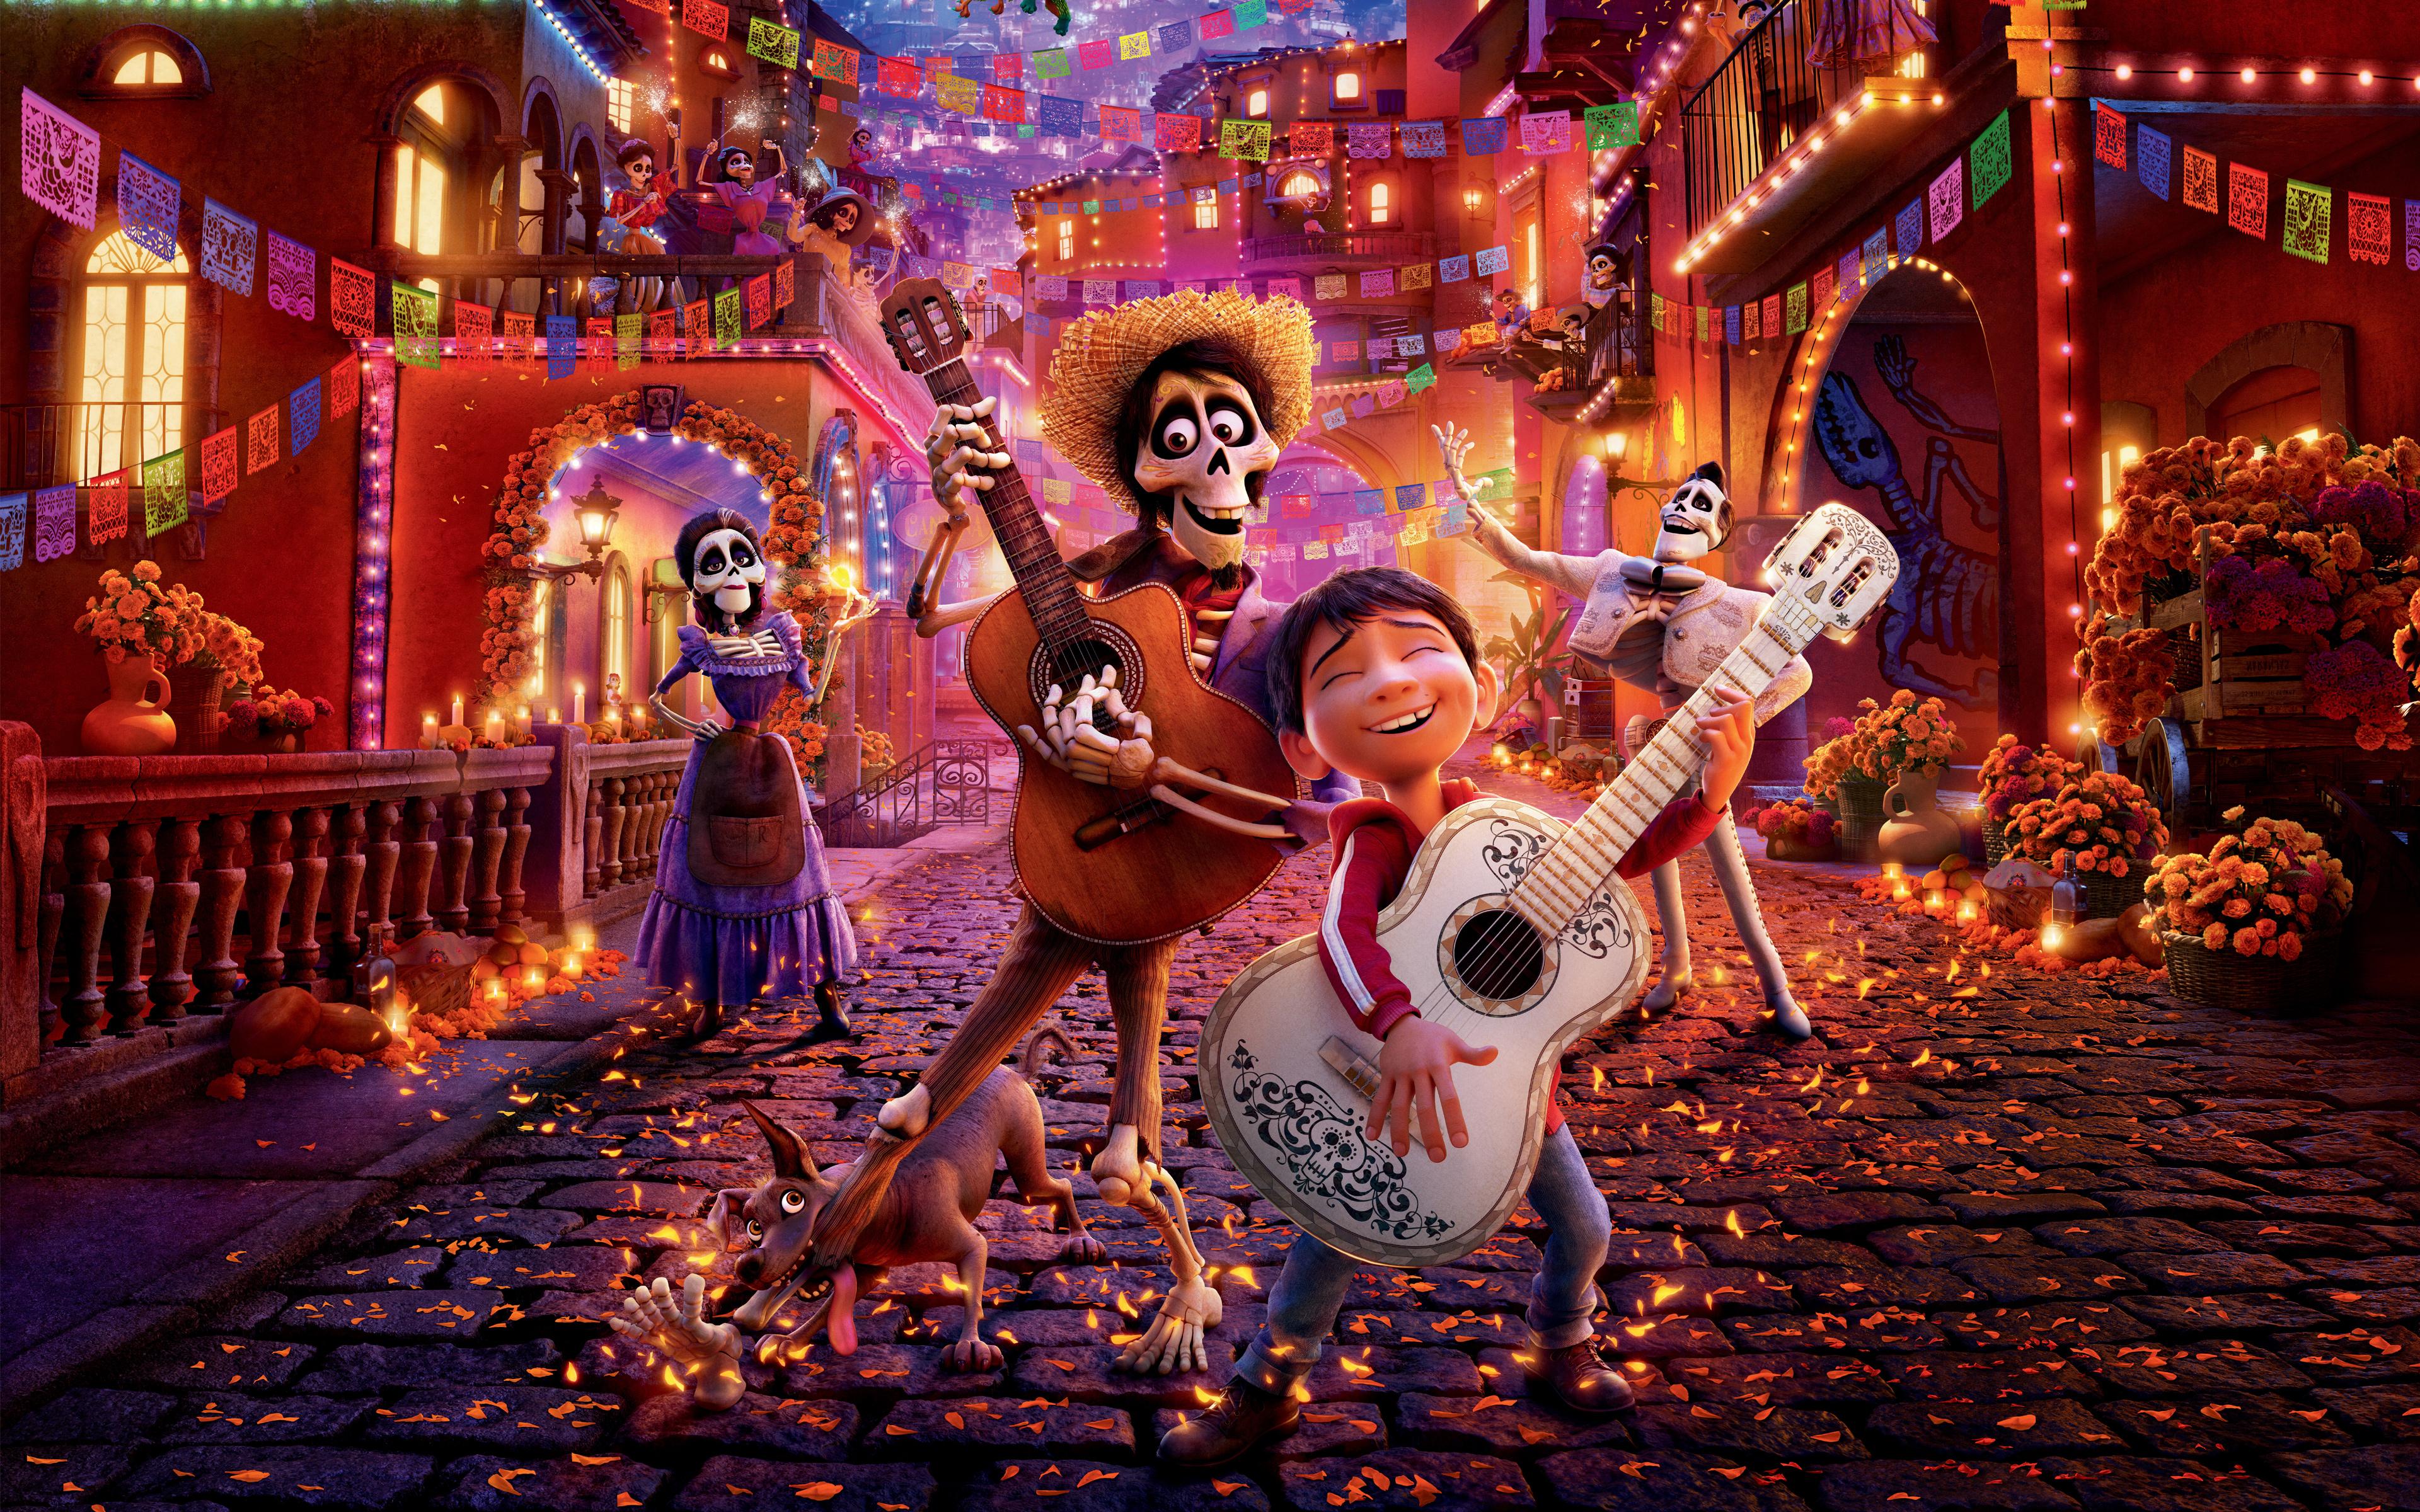 coco cartoon movie free download